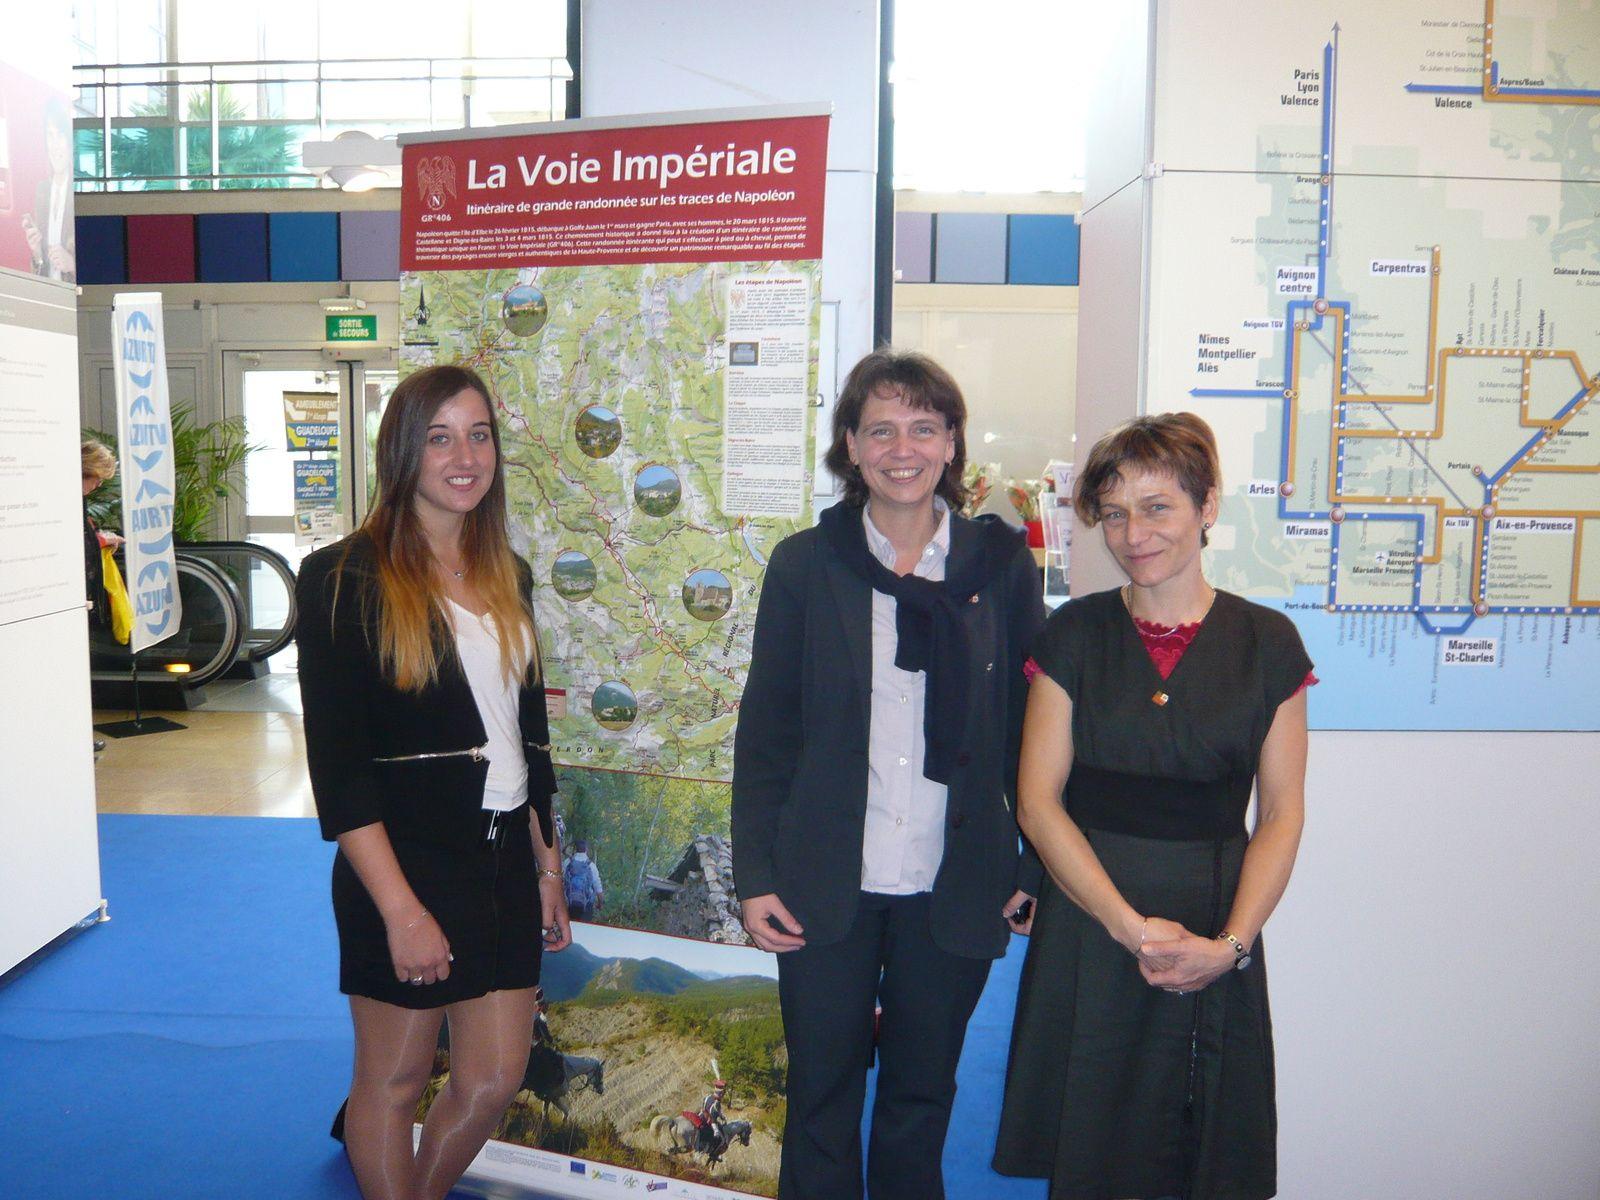 Laura Fournier, stagiaire à l'O.T, et Kristell, hôtesse d'accueil, accompagnées de Geneviève Aujoulat, chef de gare à la CFP